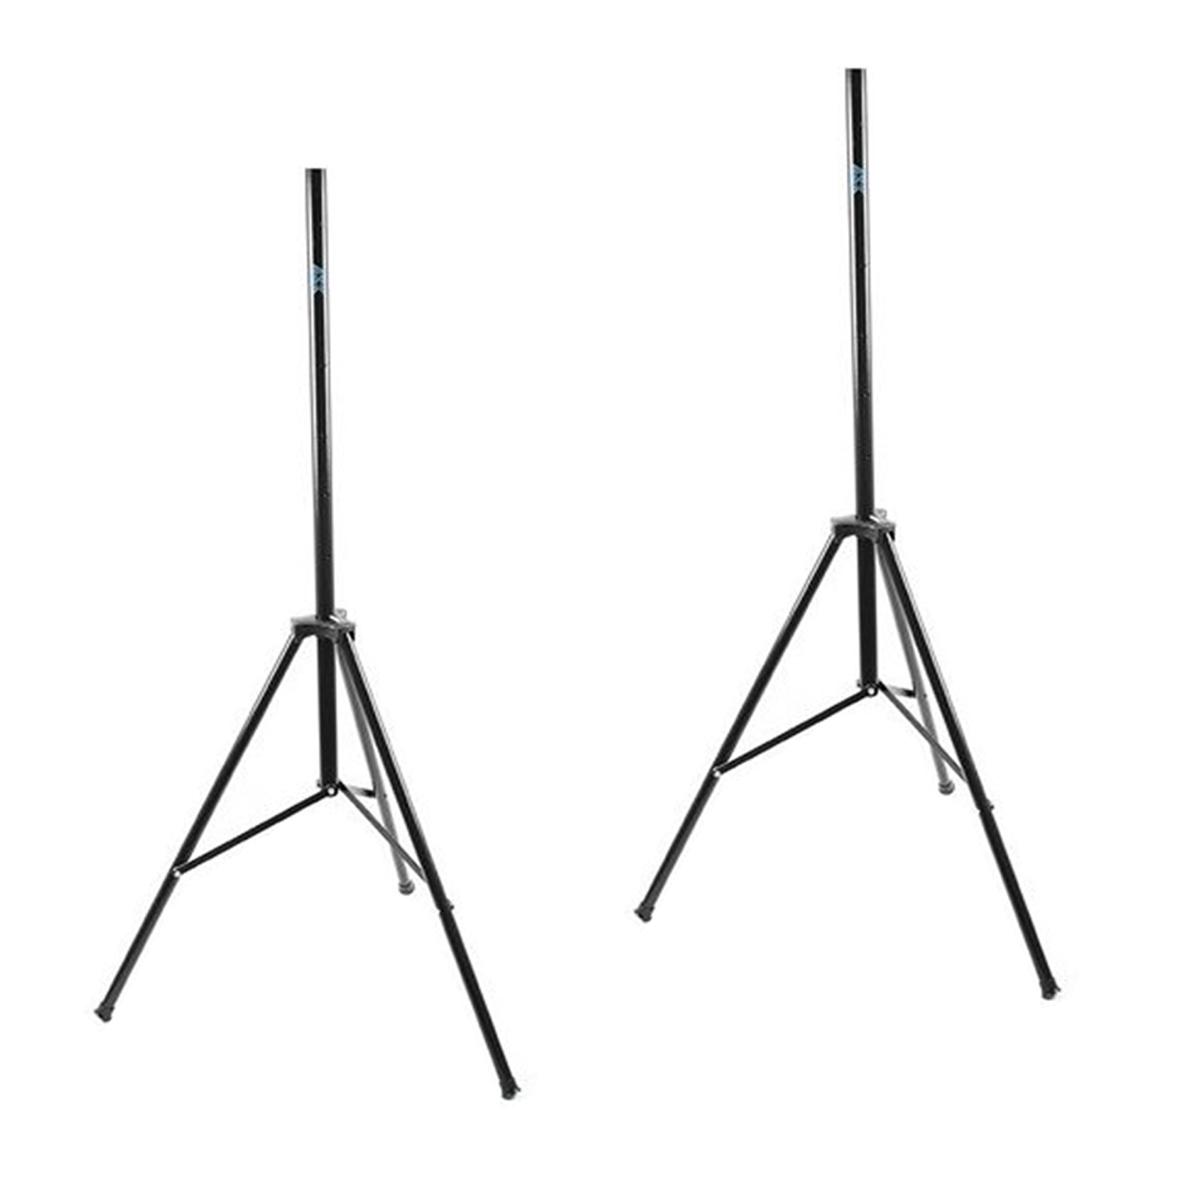 1 Par de Tripé para Caixa com altura de 150 a 180 cm ASK CXP